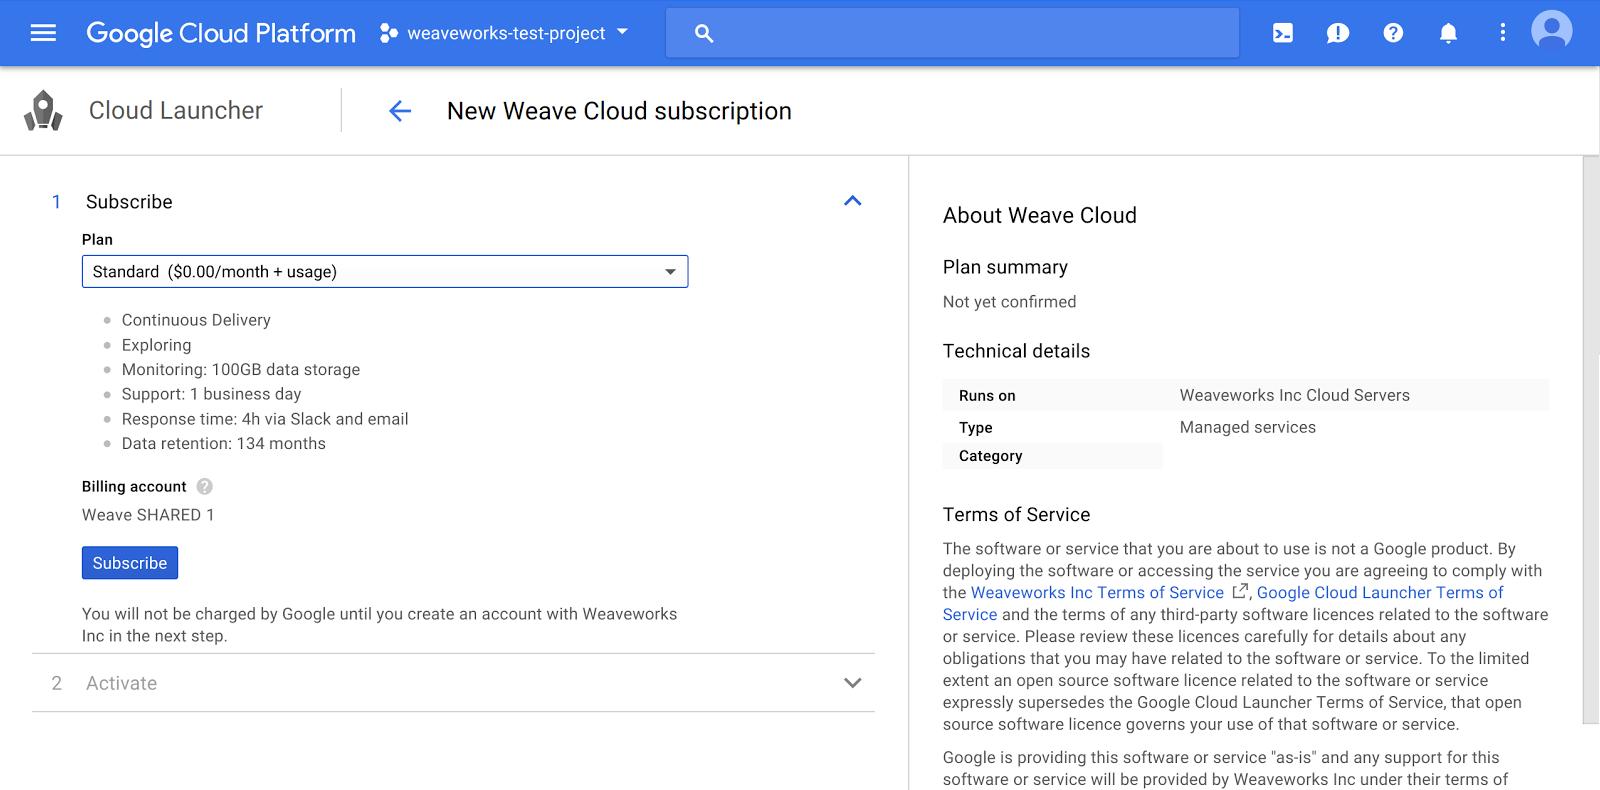 New Weave Cloud Subscription Cloud Launcher